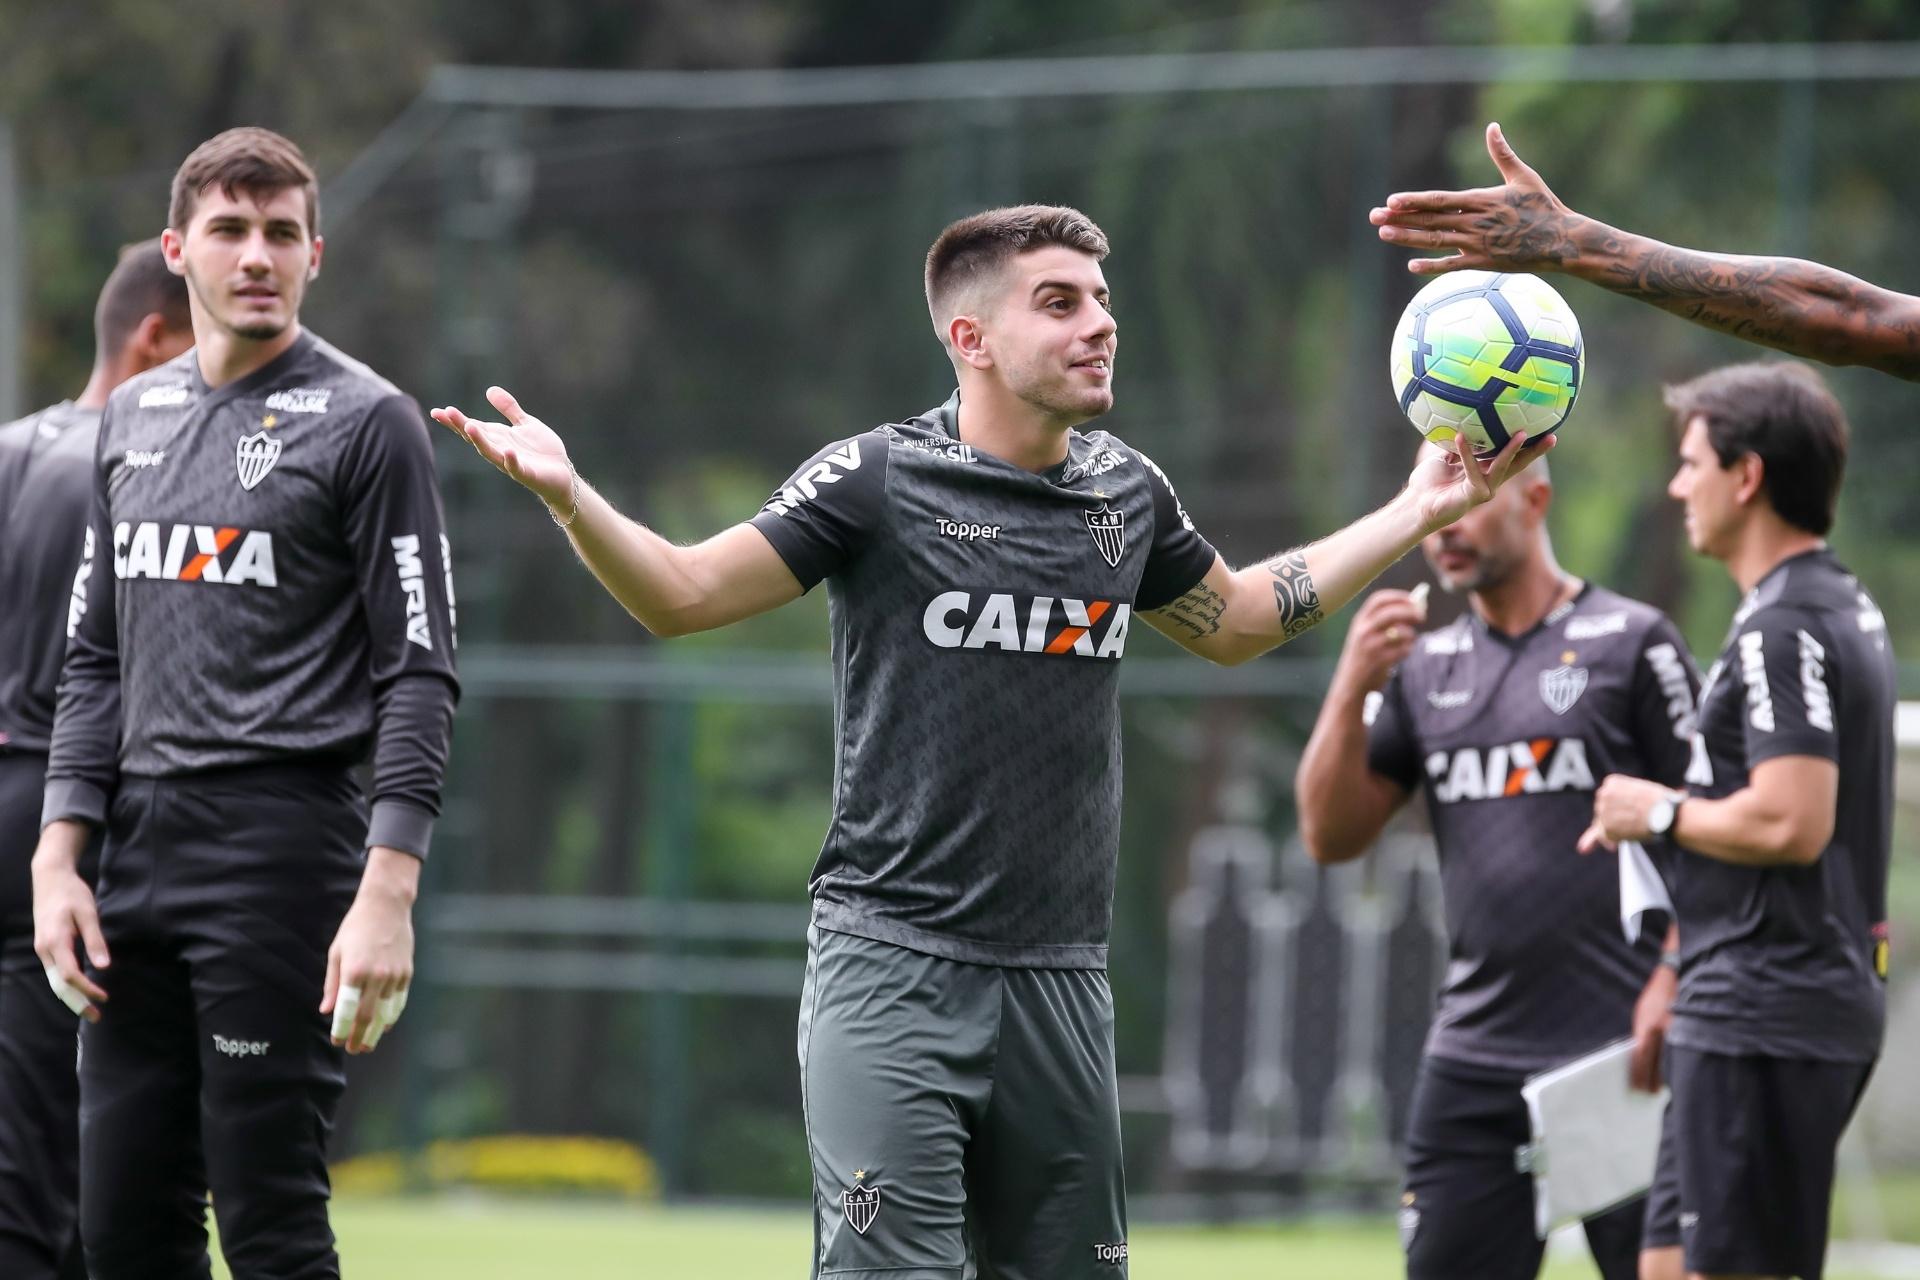 Fora do Atlético-MG em 2019 829bb30dc48c6